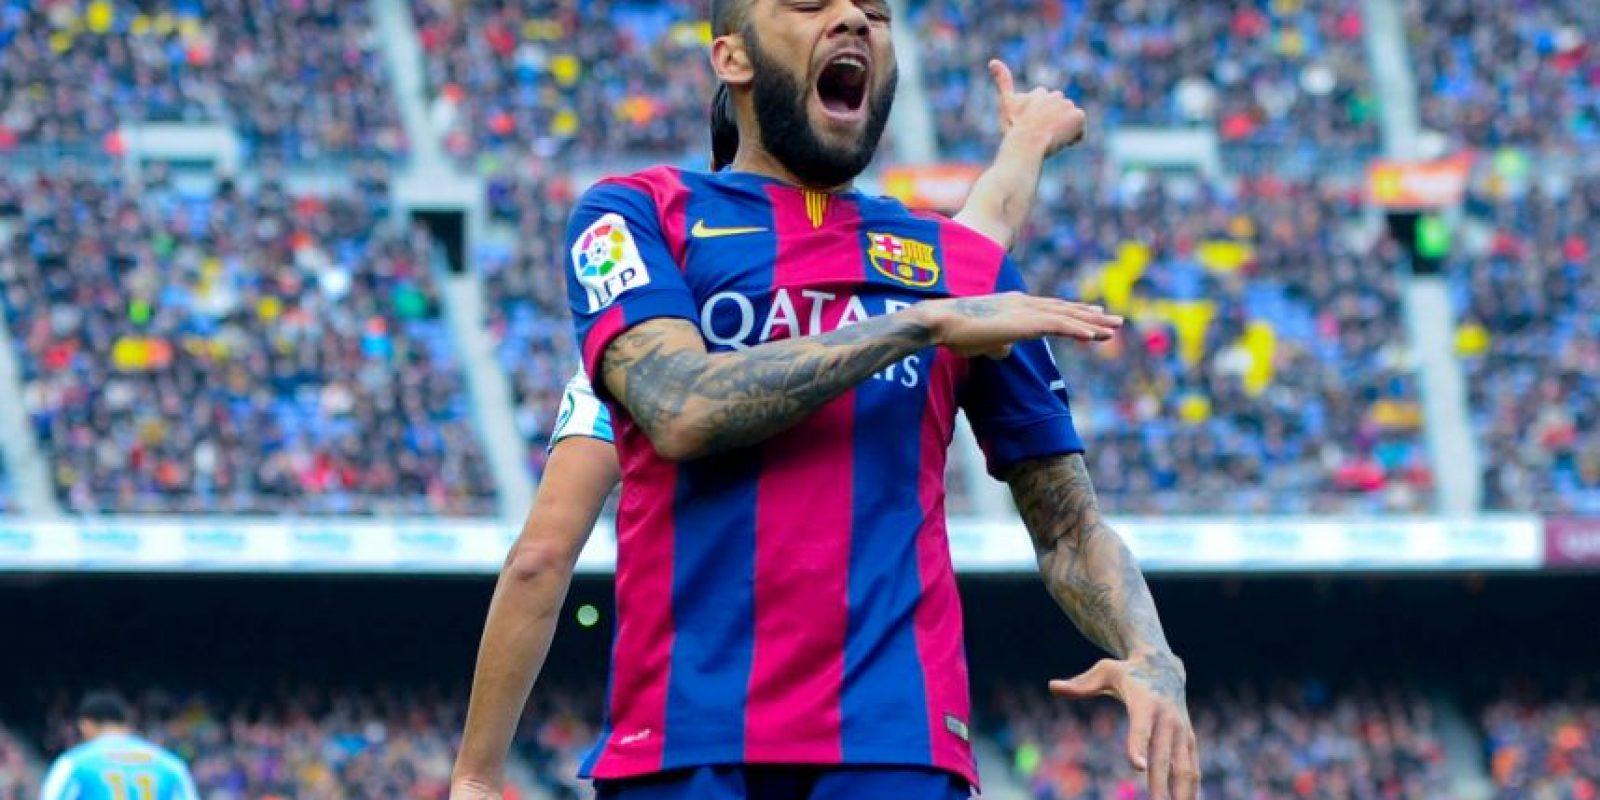 Todo parecía indicar que dejaría el Barcelona tras la campaña pasada, pero consiguió la renovación y se mantendrá como uno de los baluartes del equipo por la banda derecha, en donde tiene una perfecta sociedad con Lionel Messi. Foto:Getty Images